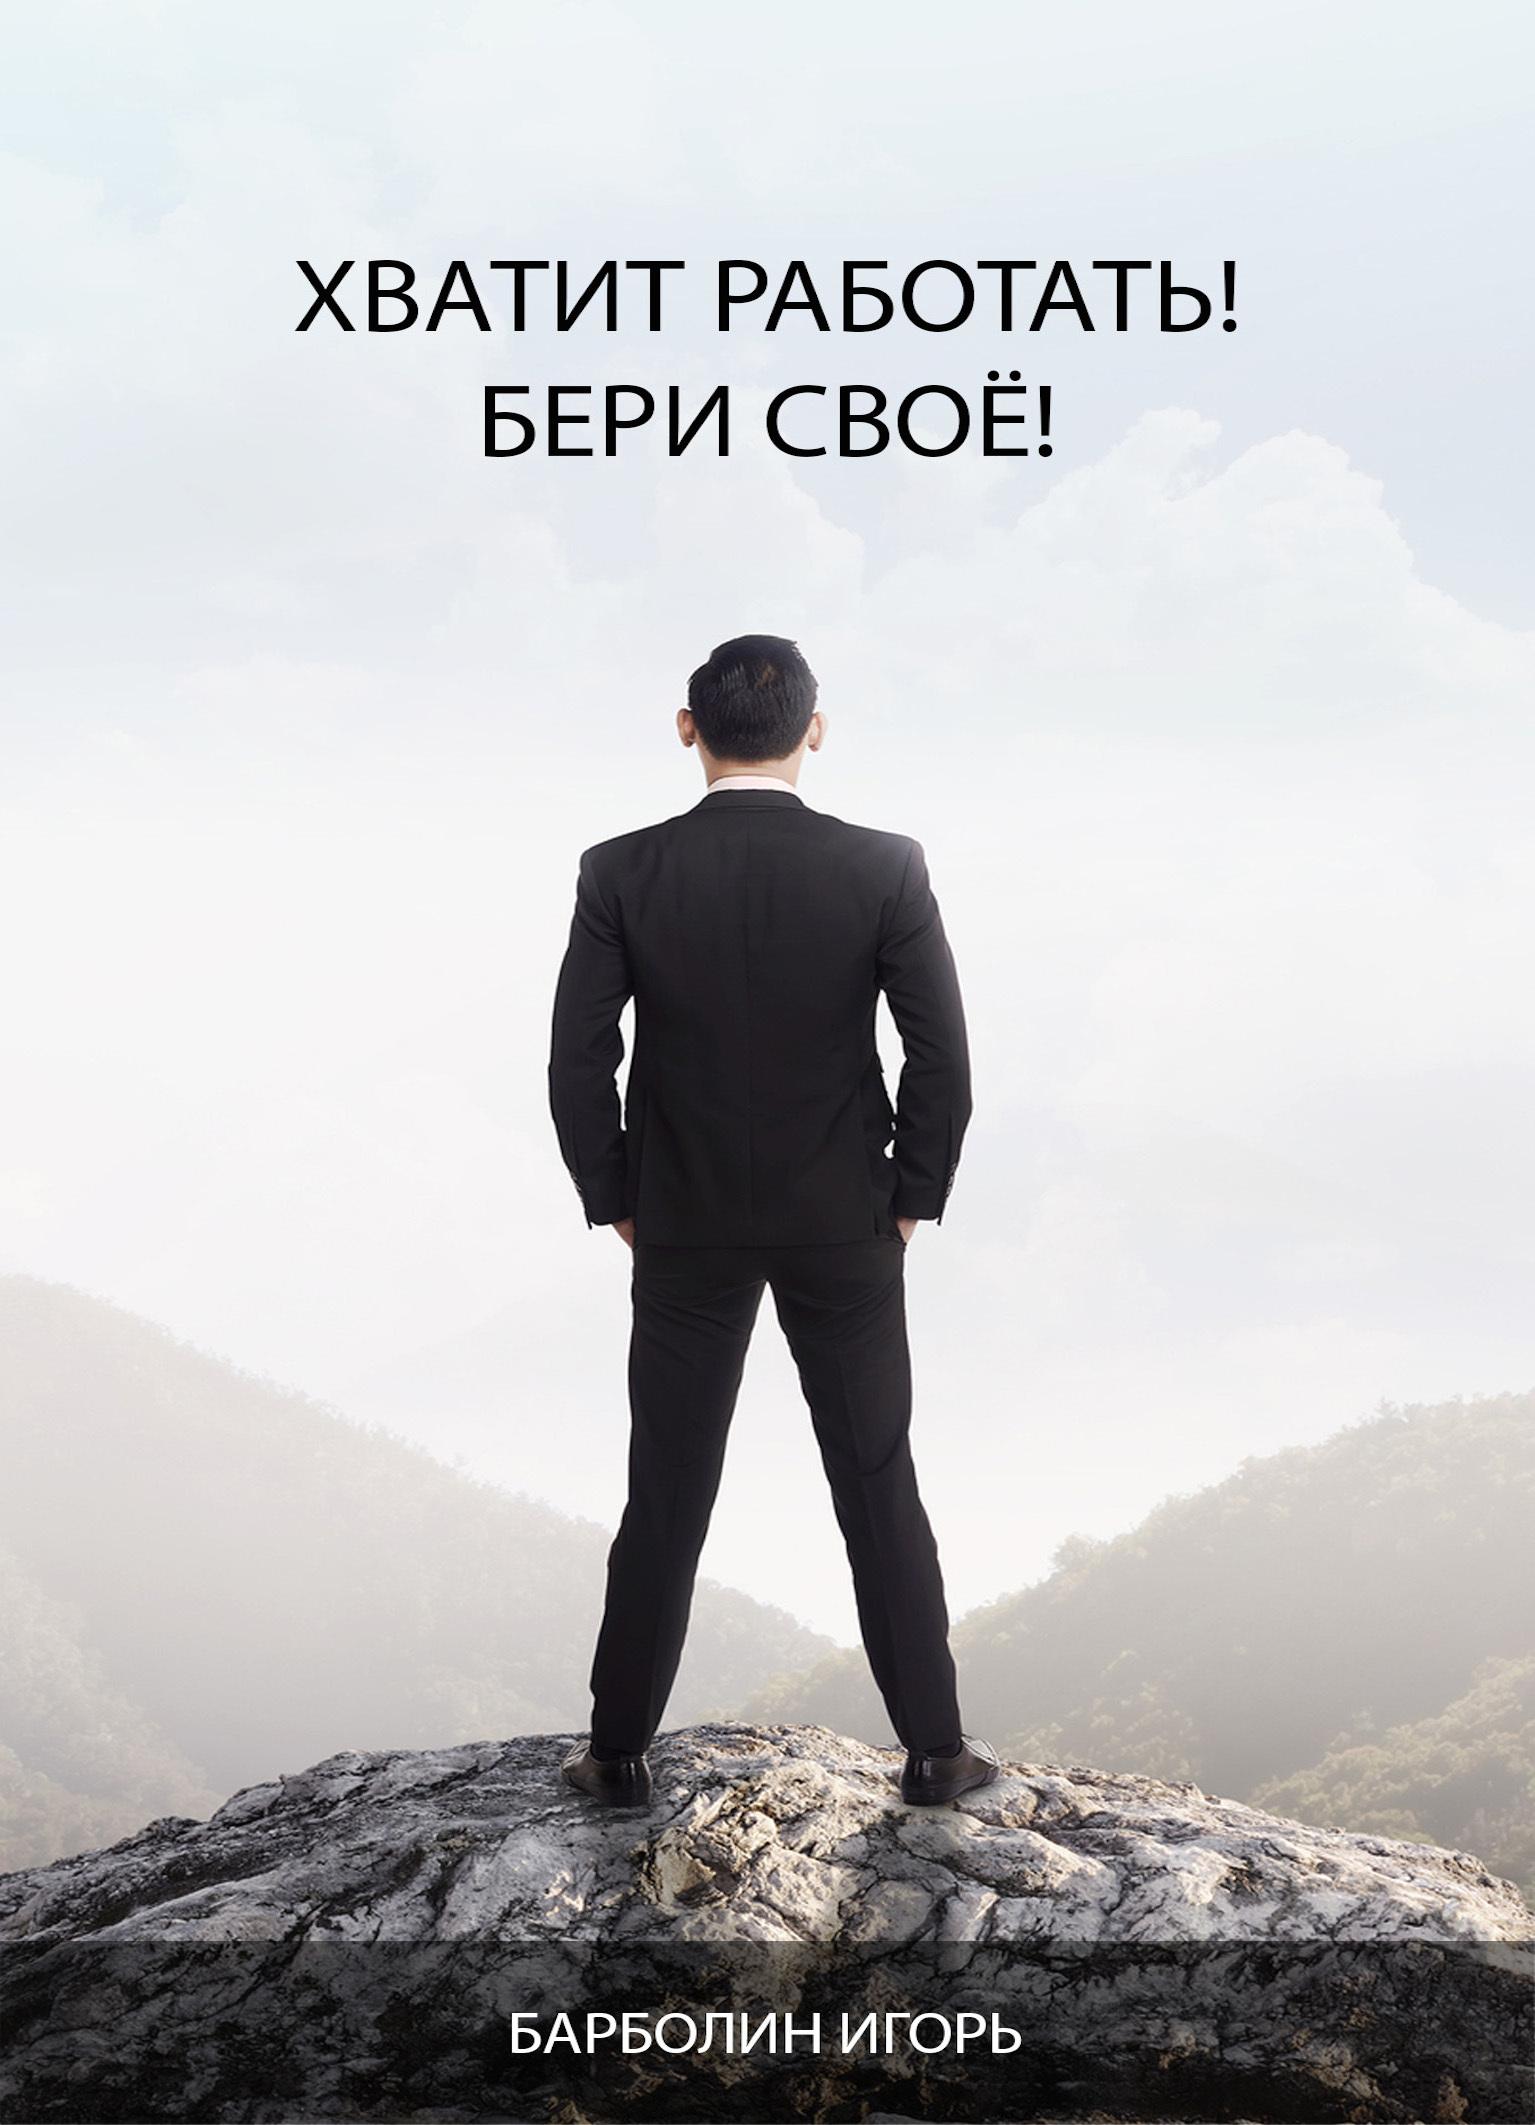 Обложка книги. Автор - Игорь Барболин